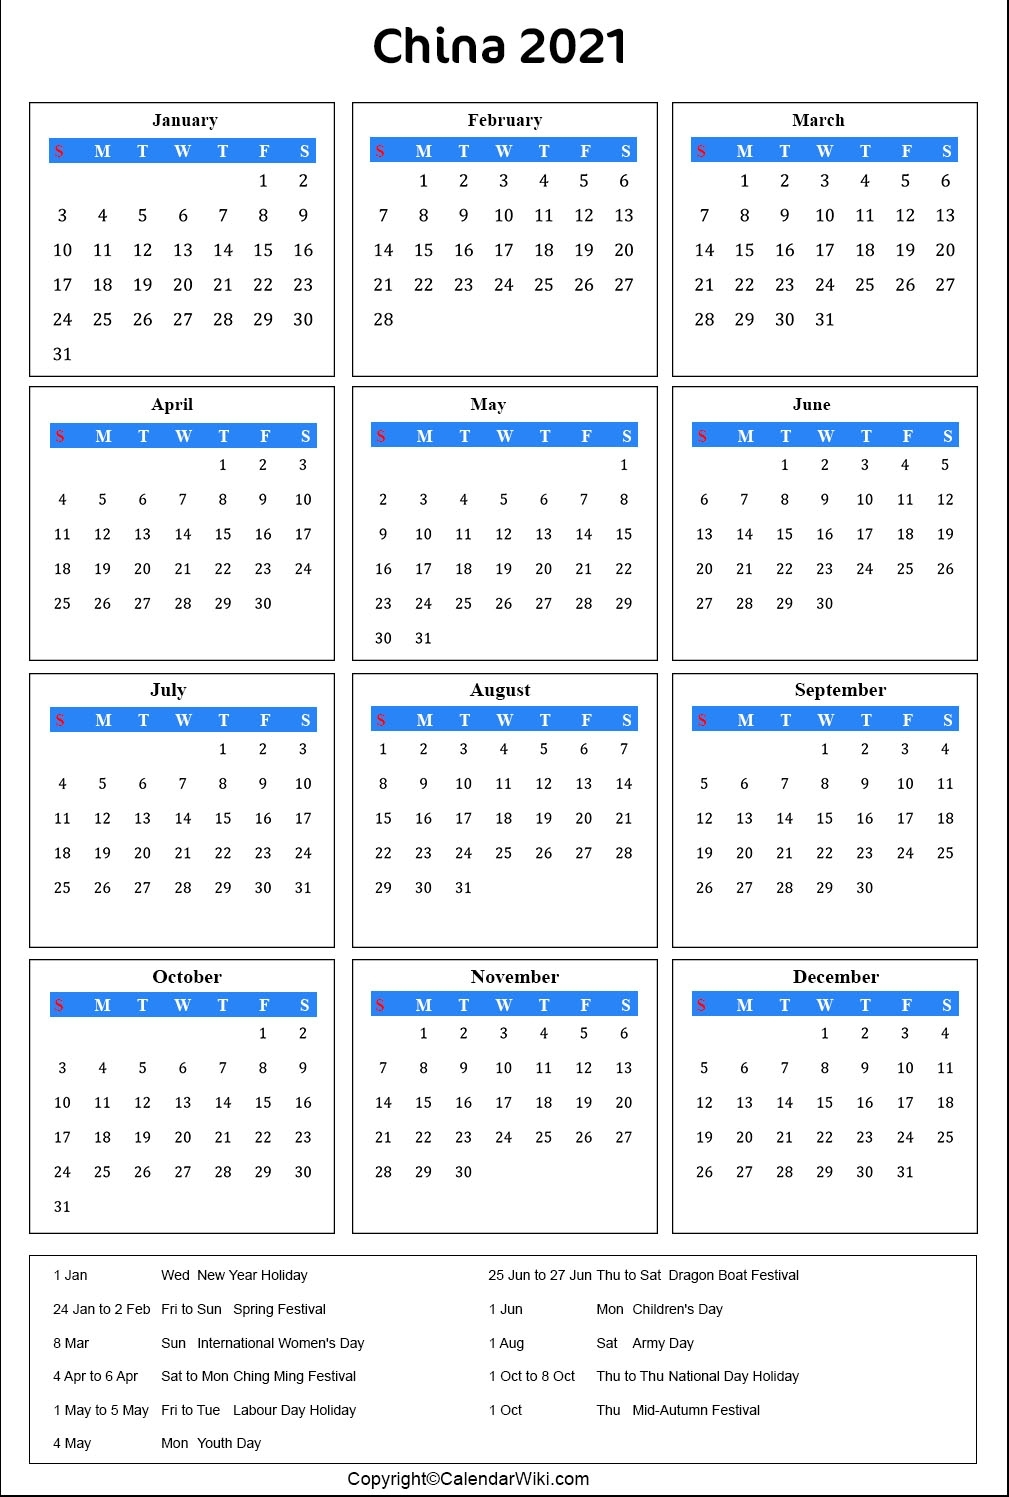 Pick China Holiday Calendar 2021